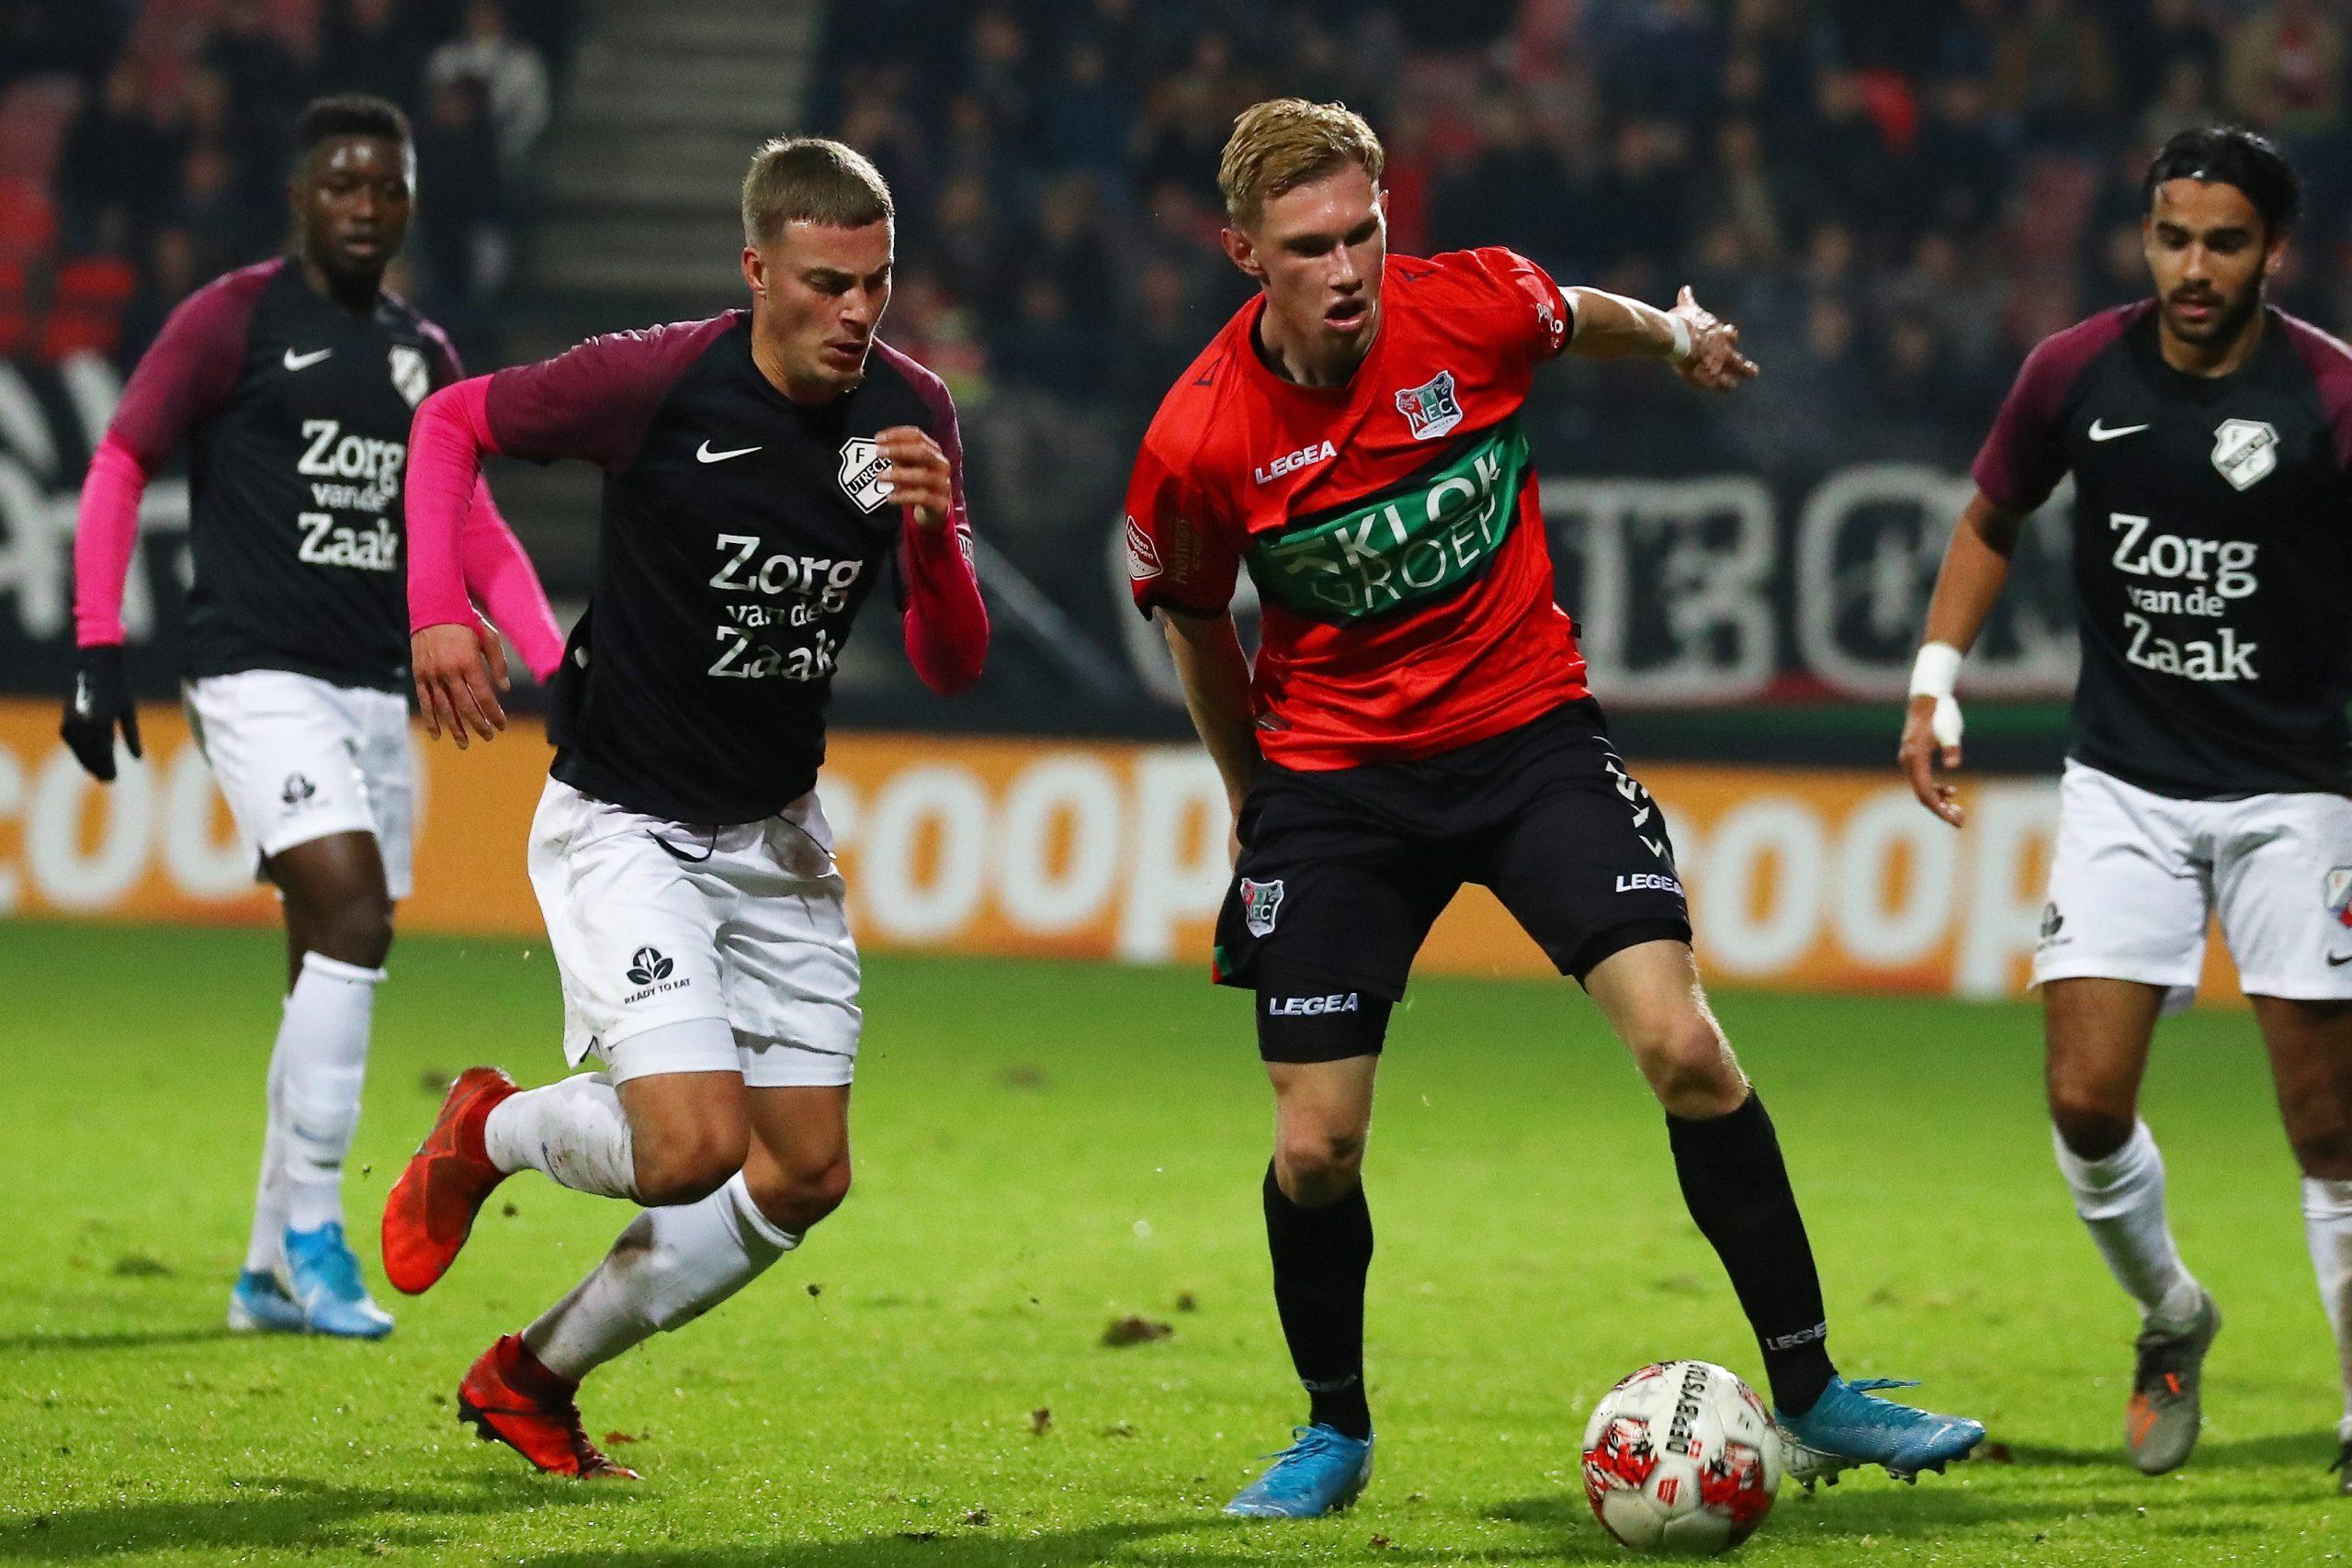 De Opstelling: Van Landschoot terug in de basis tegen oude club